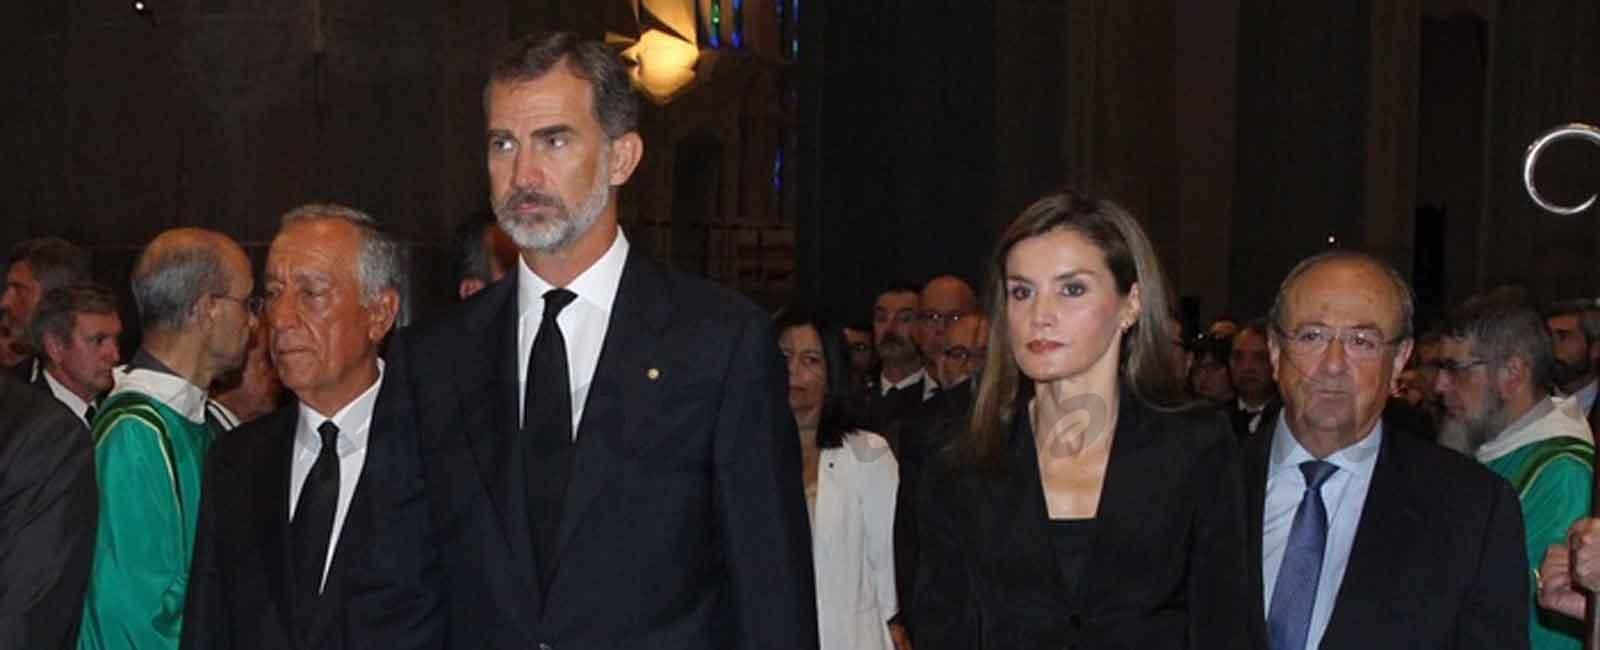 Los Reyes asisten a la misa en memoria de las víctimas de los atentados en la Sagrada Familia